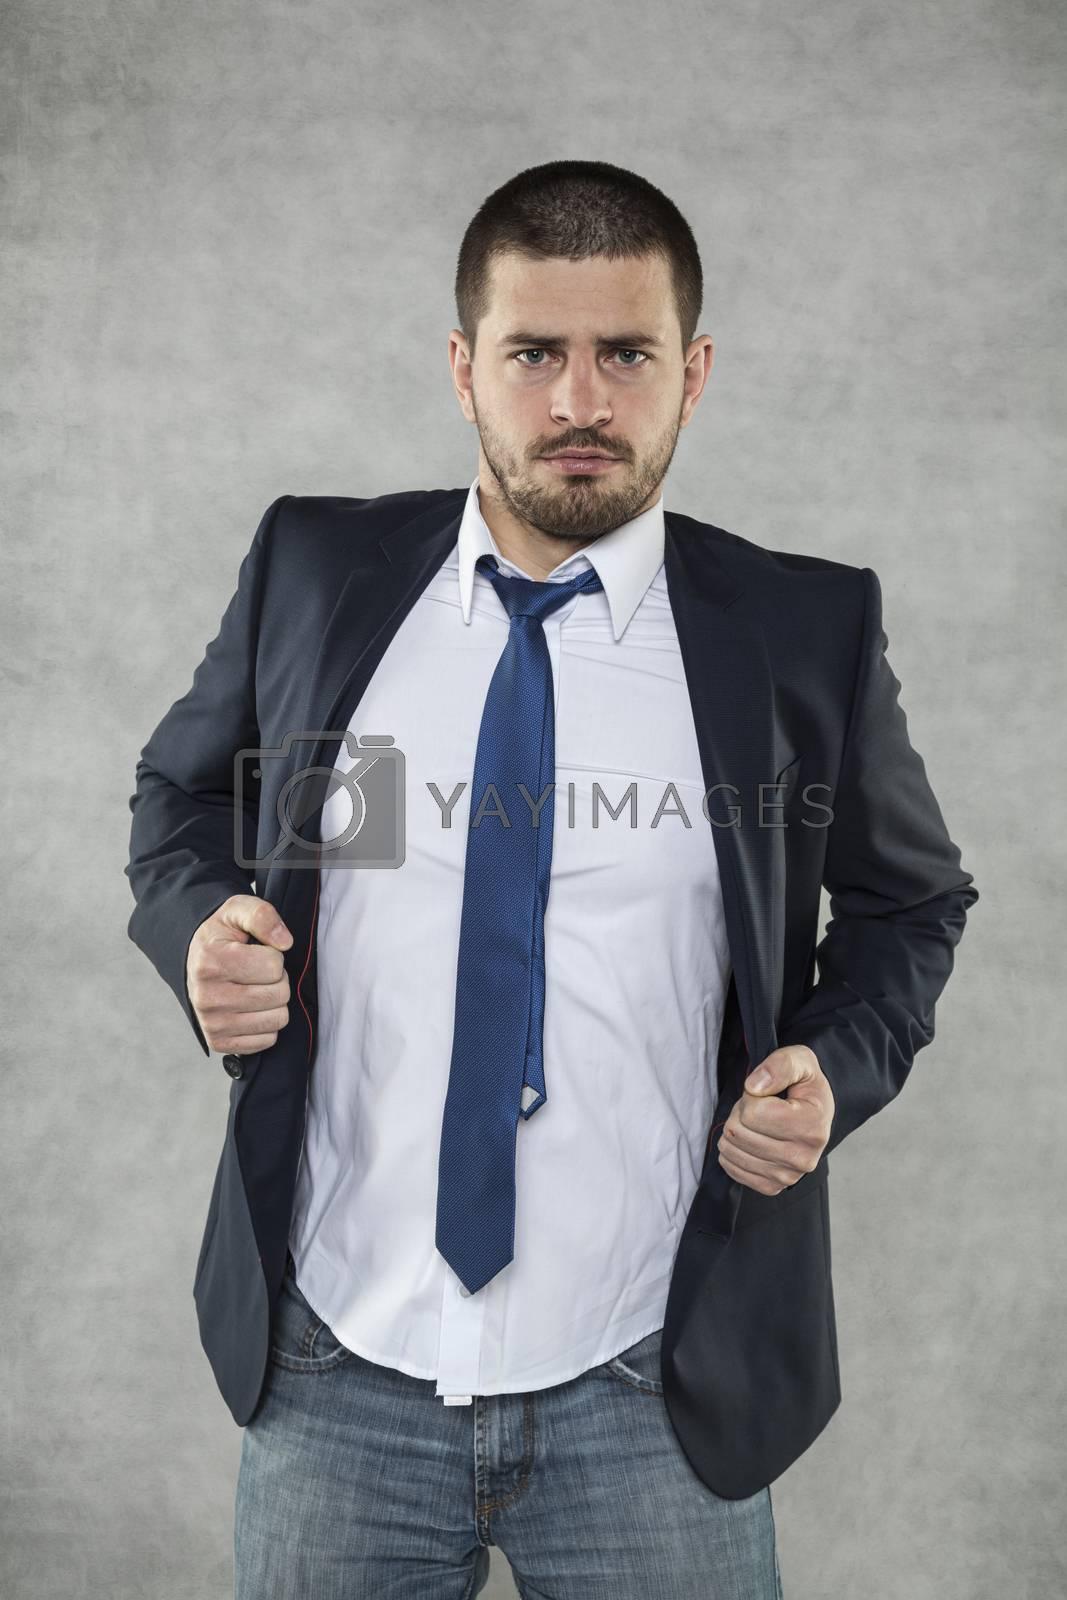 Businesslman is a hero